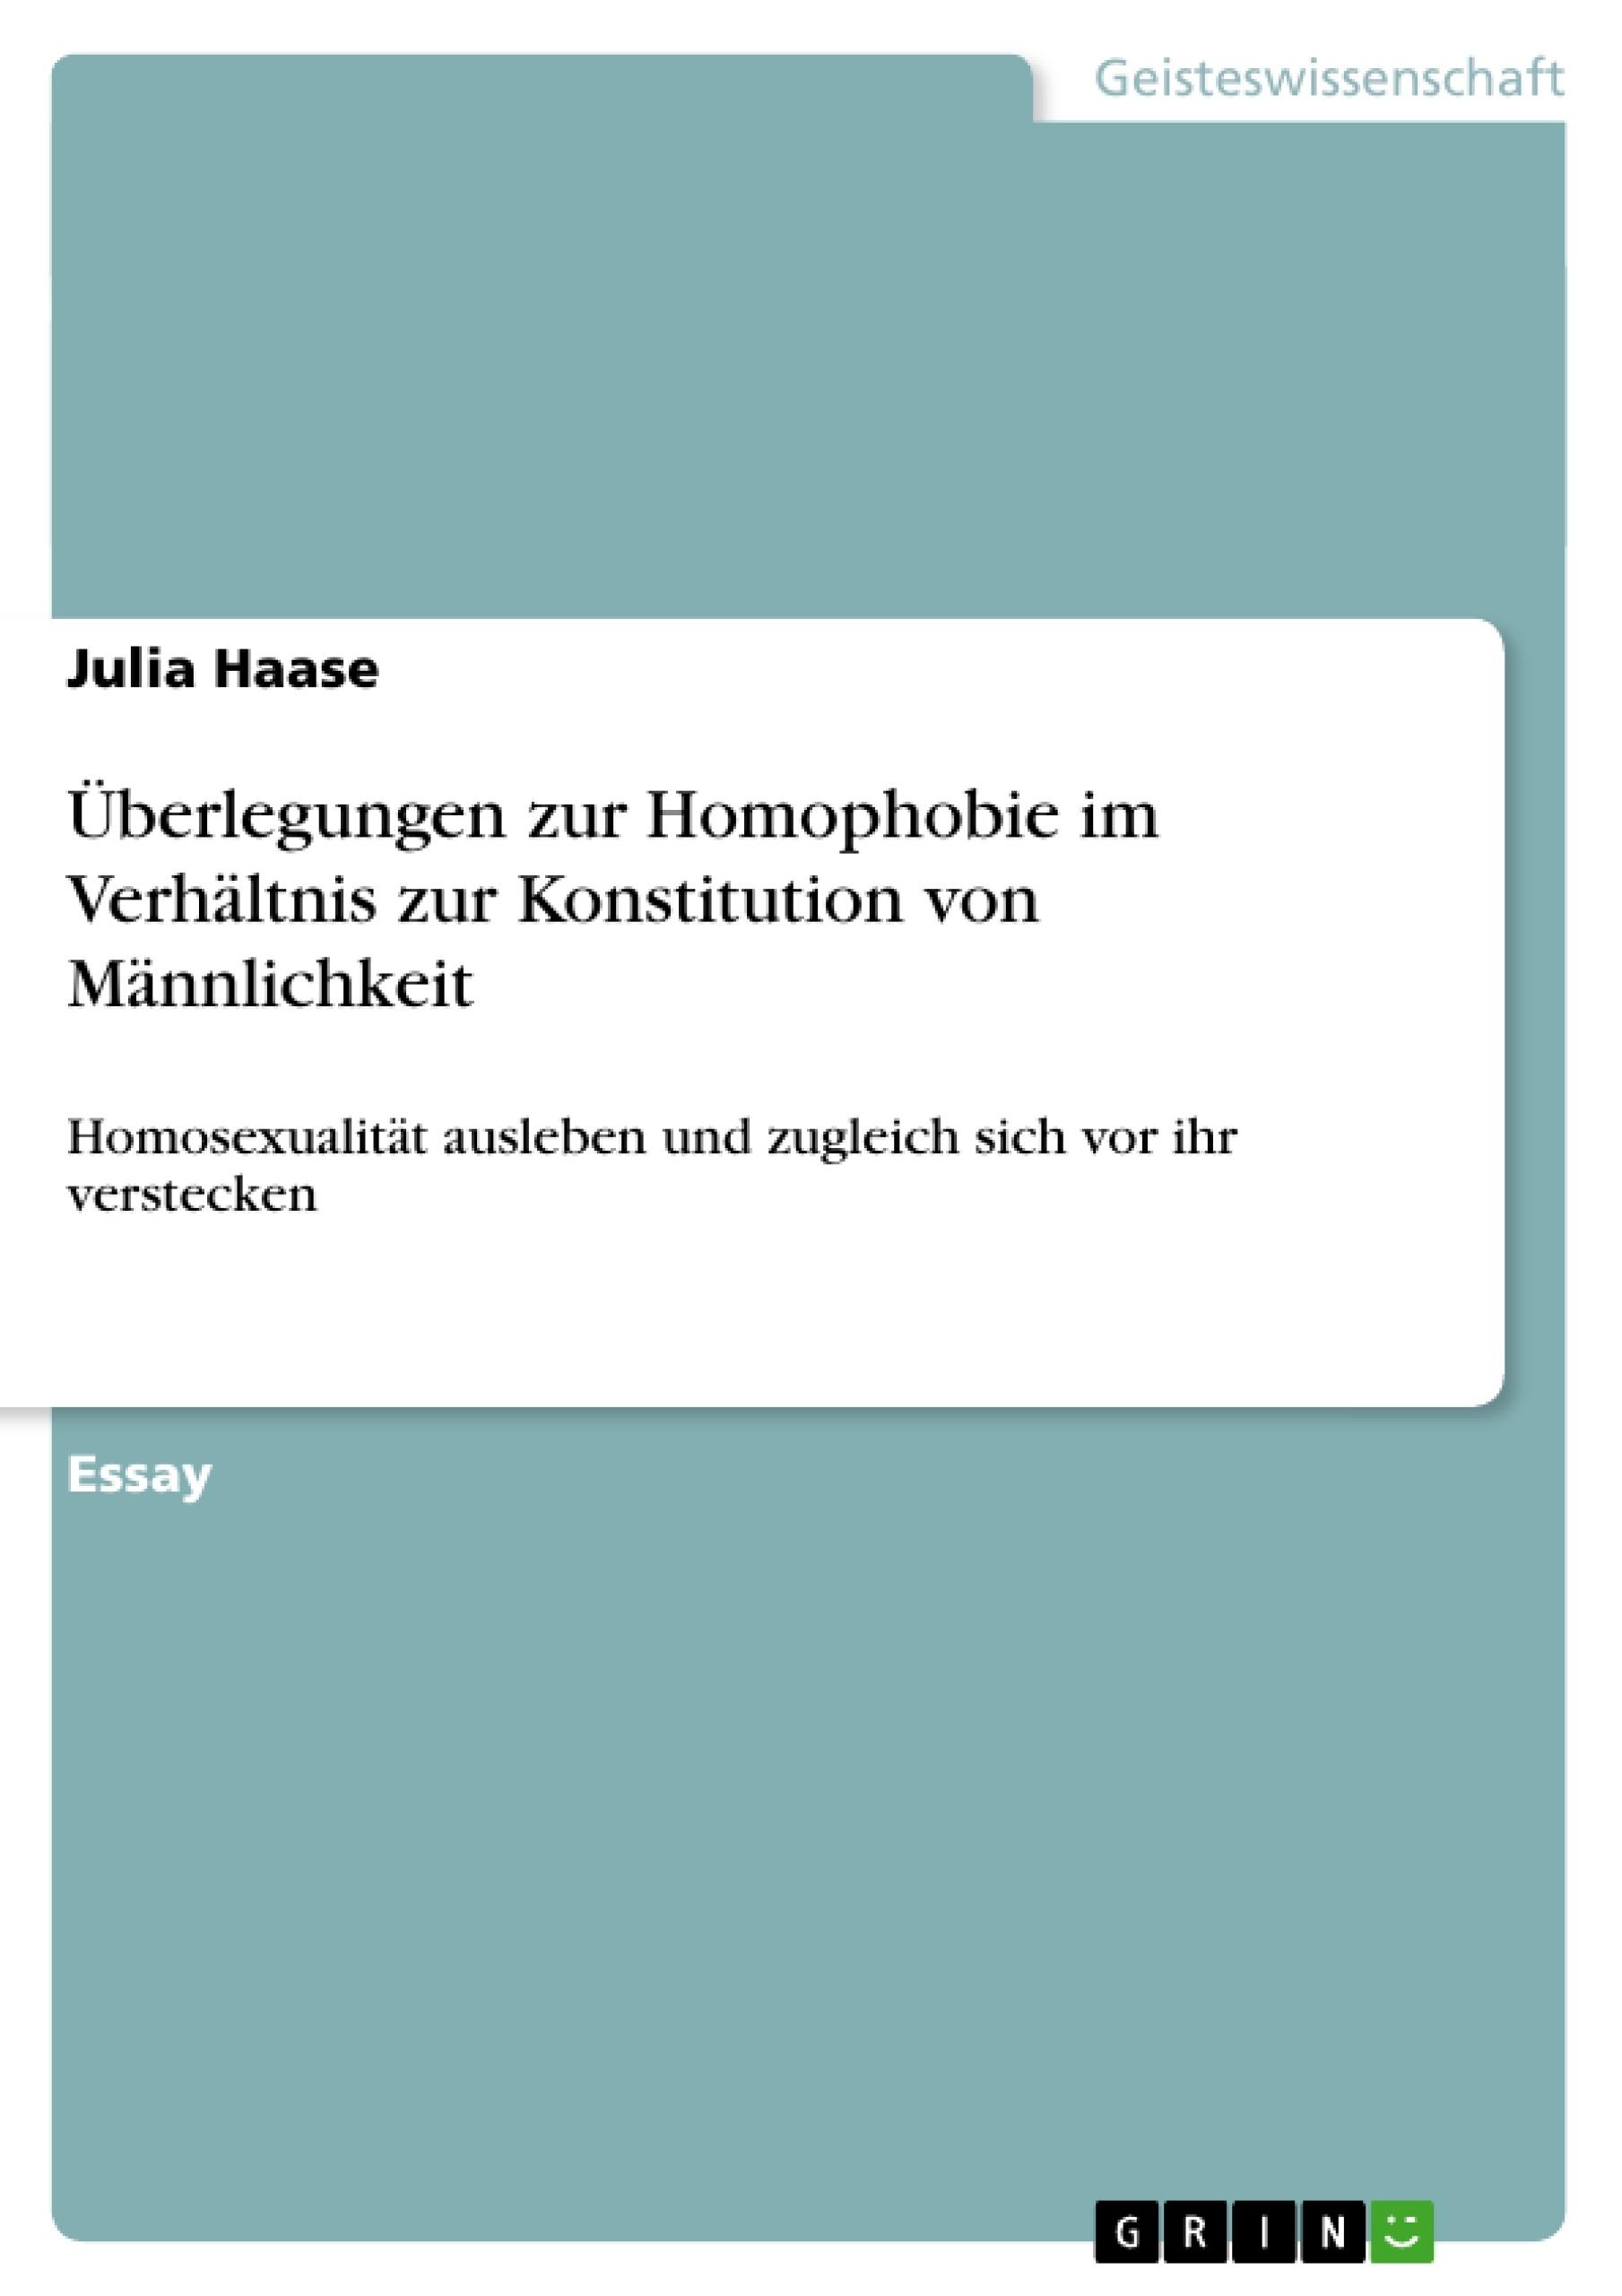 Titel: Überlegungen zur Homophobie im Verhältnis zur Konstitution von Männlichkeit